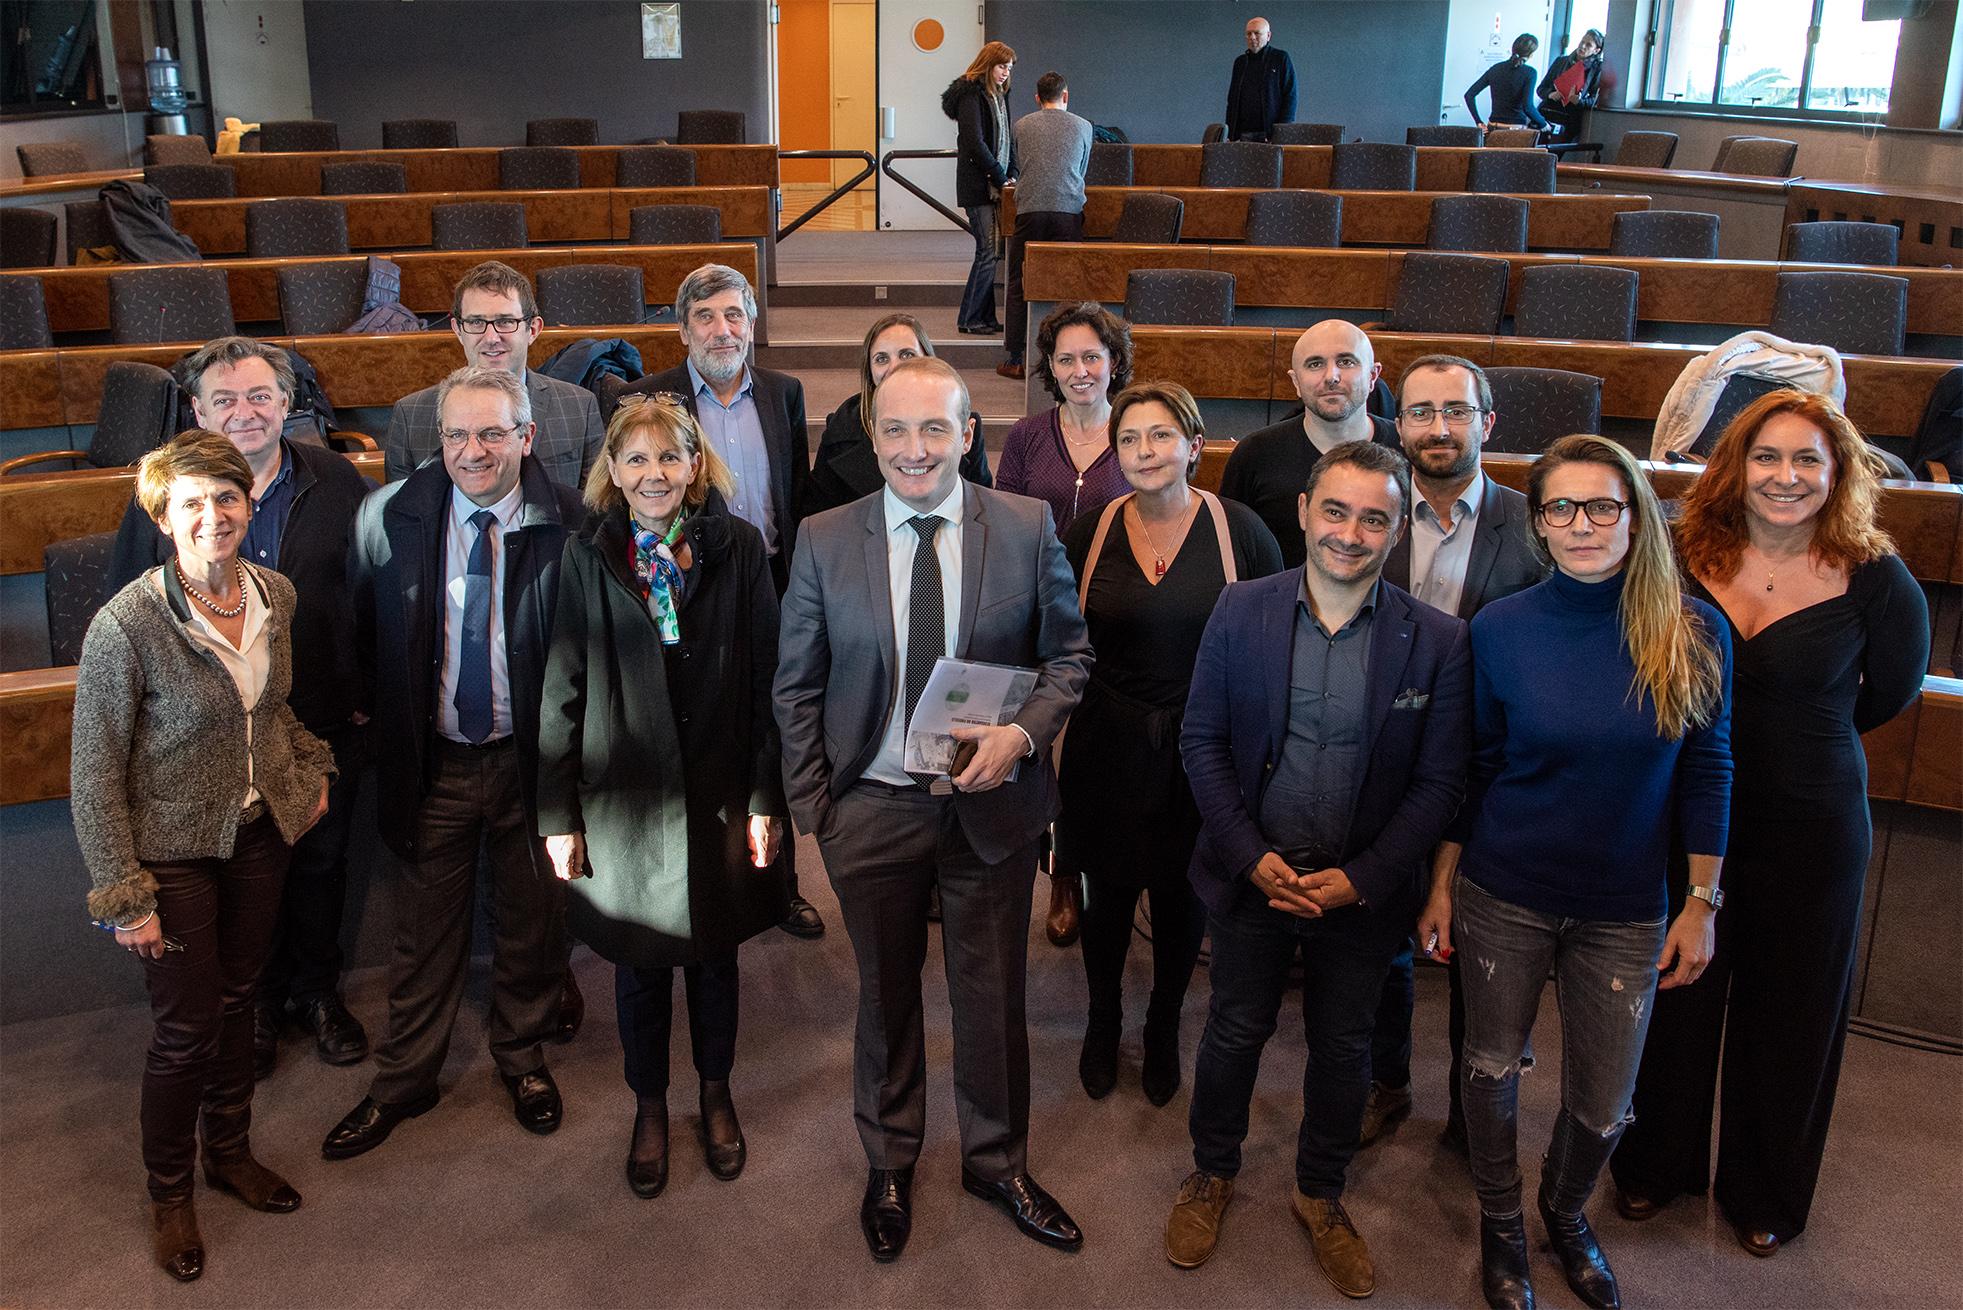 Les signataires étaient tous réunis ce lundi 13 janvier pour la signature du label Ecoquartier au Finosello (Photo Ville d'Ajaccio).